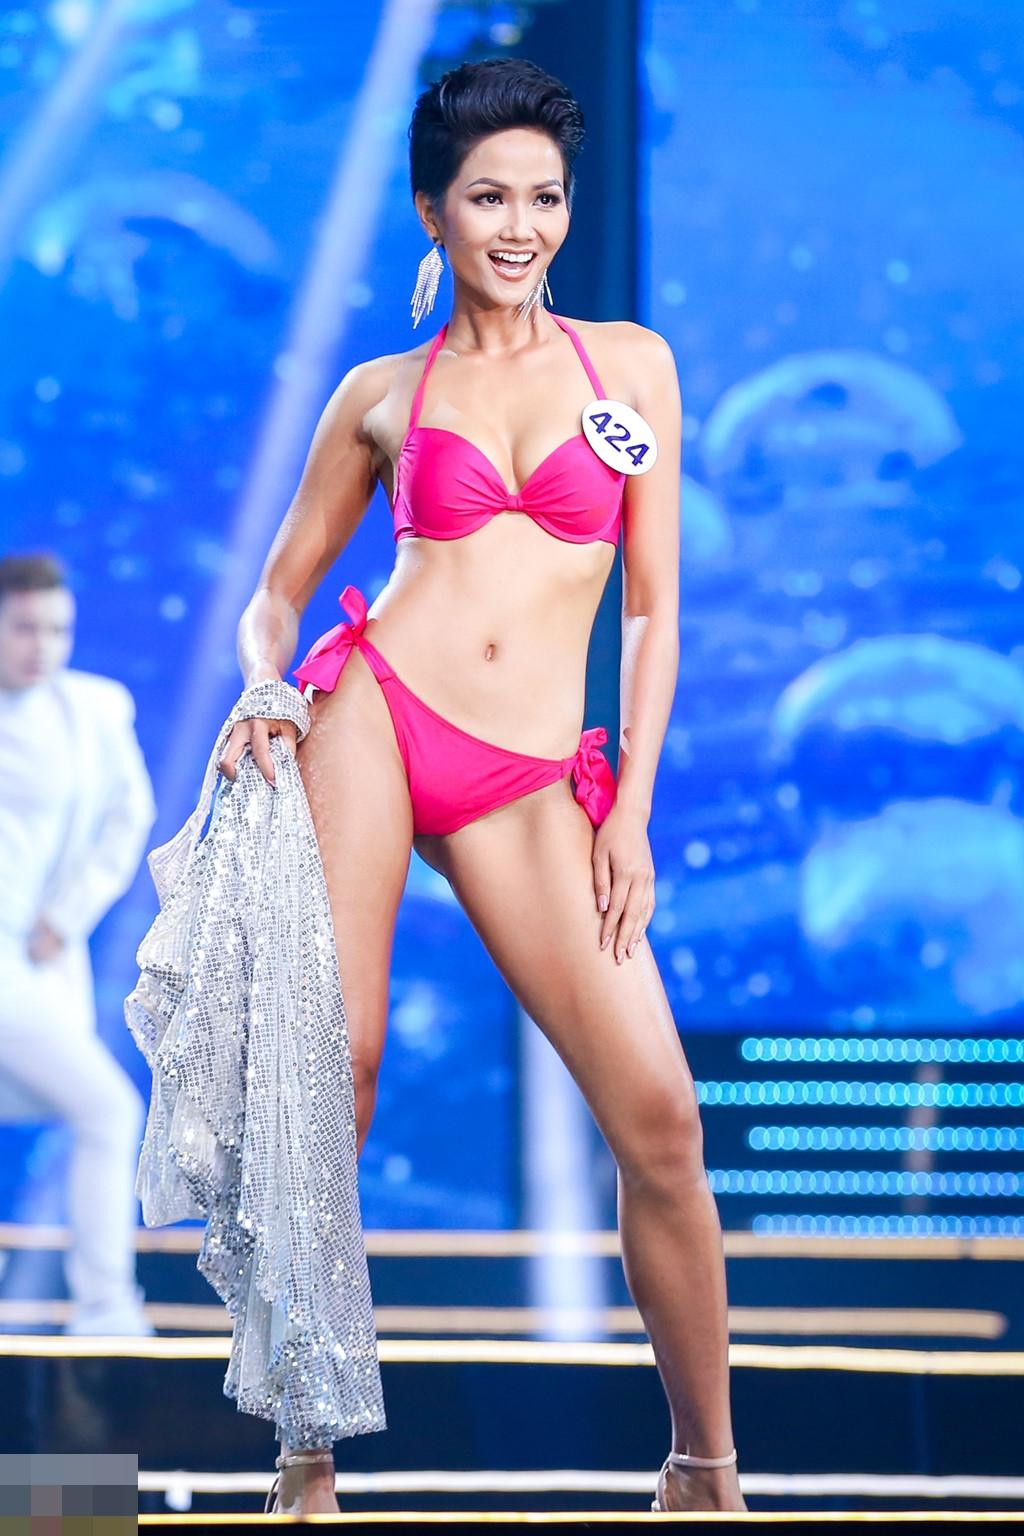 Tân Hoa hậu Hoàn Vũ H'Hen Niê sở hữu 3 vòng chuẩn đến từng centimet nhờ ăn thực phẩm quen thuộc này mỗi ngày - Ảnh 3